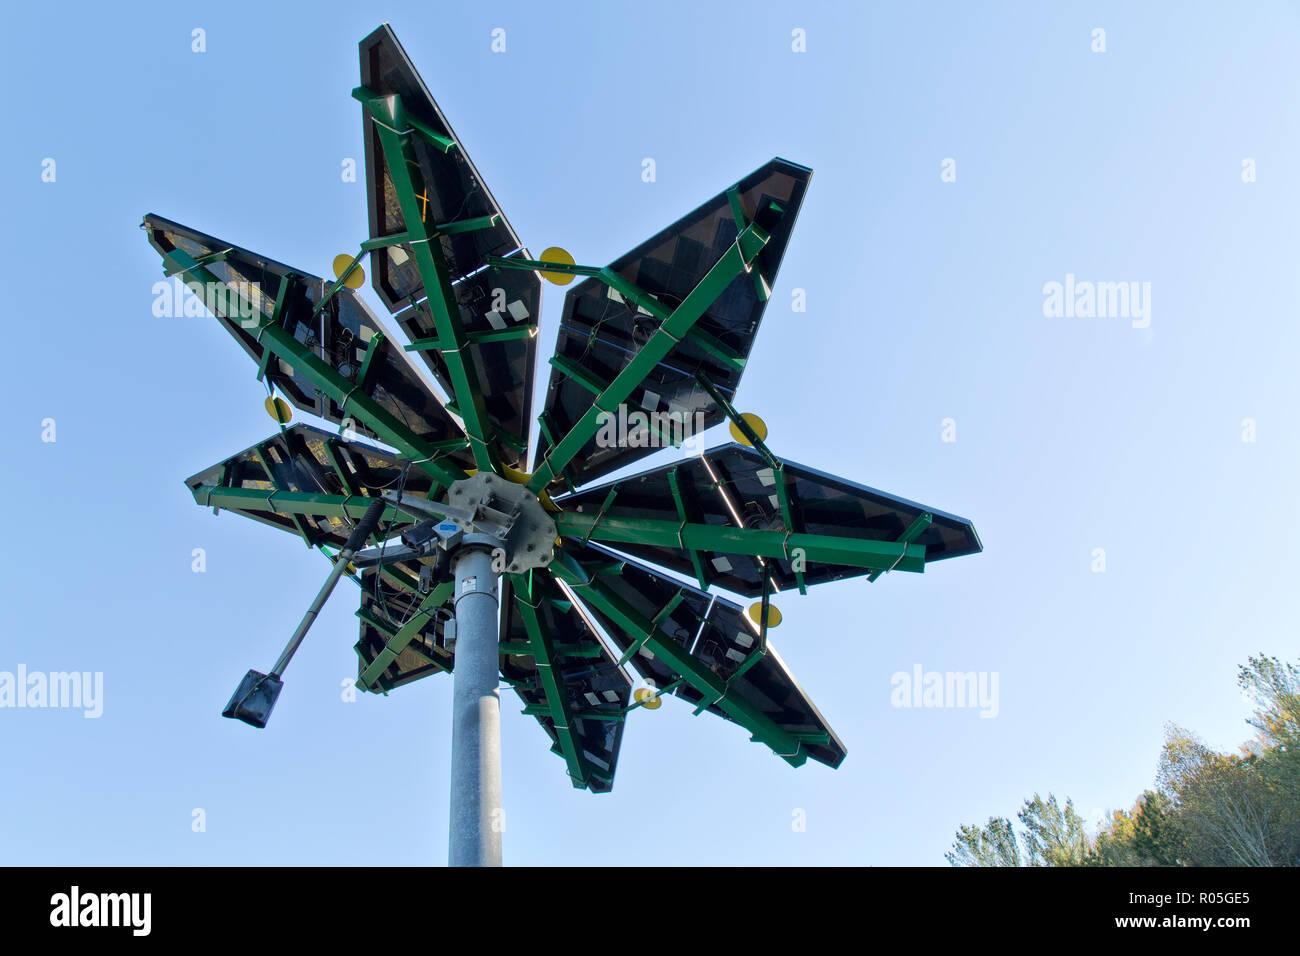 """Batterie solaire, identifiés comme 'Solar Flair"""" photovoltaïque mesurant 17 pieds de diamètre, pesant environ 1200 livres, véhicule électrique de recharge. Photo Stock"""